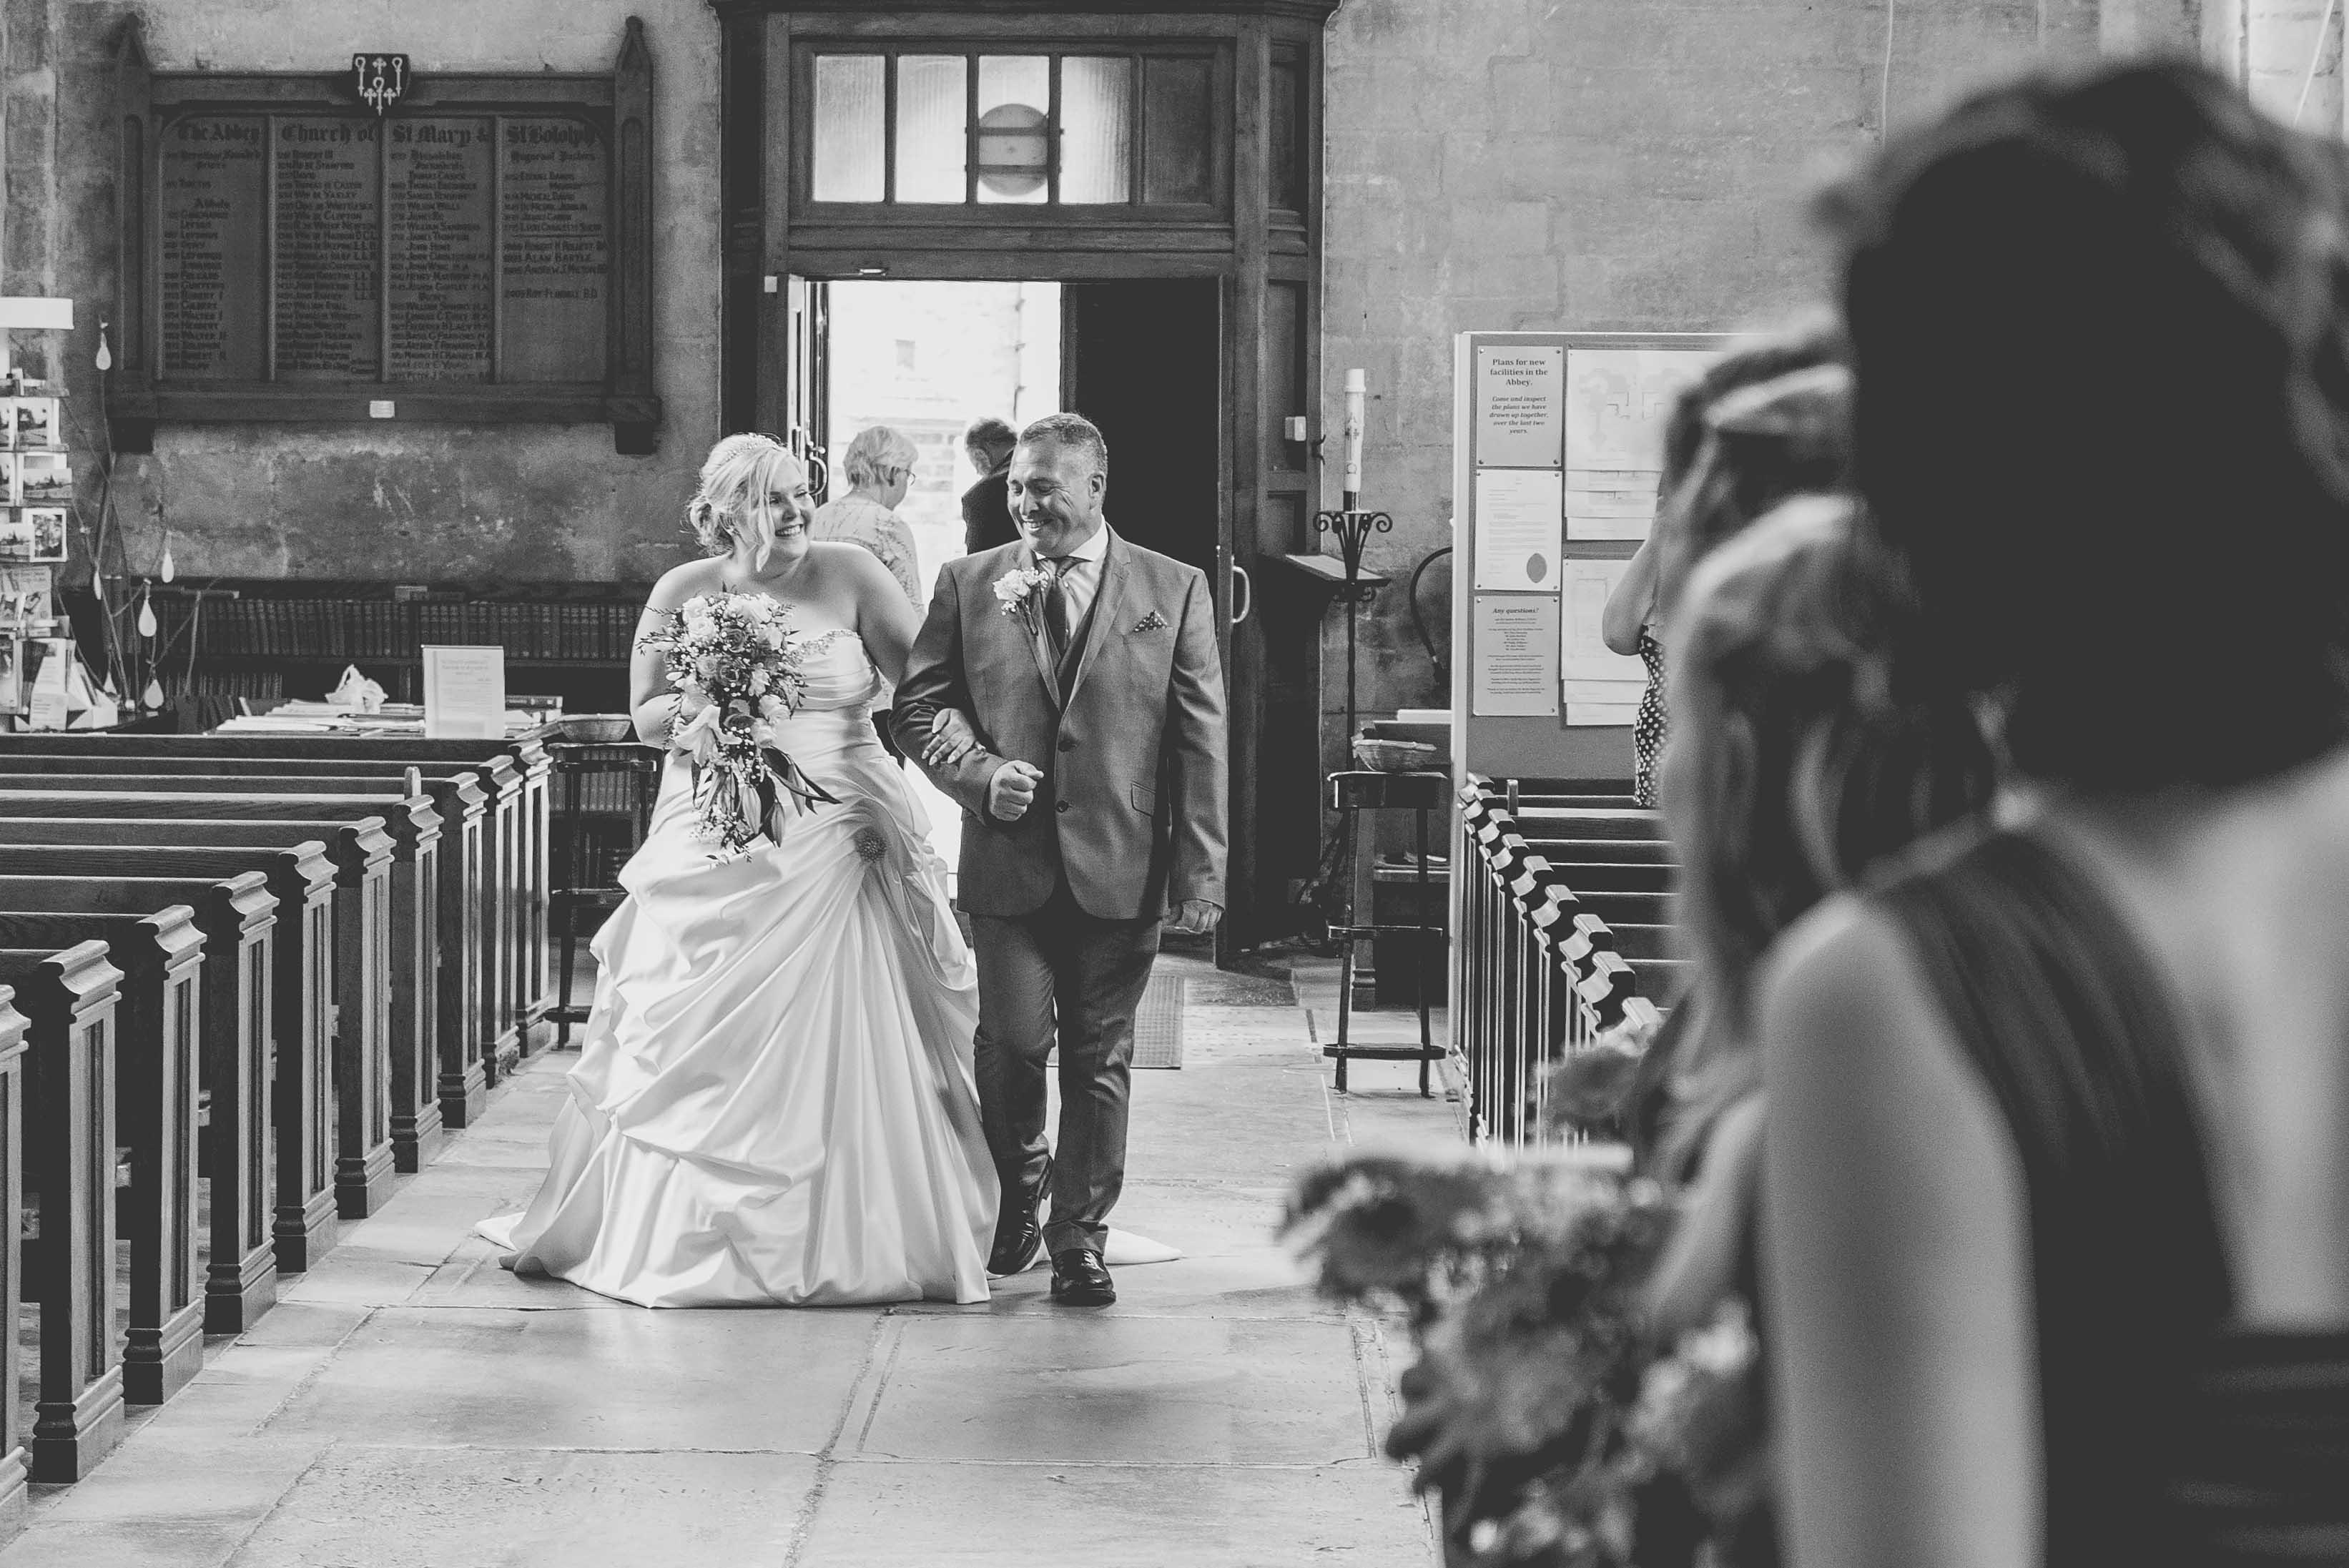 Thorney Abbey Wedding 26 09 2016 4